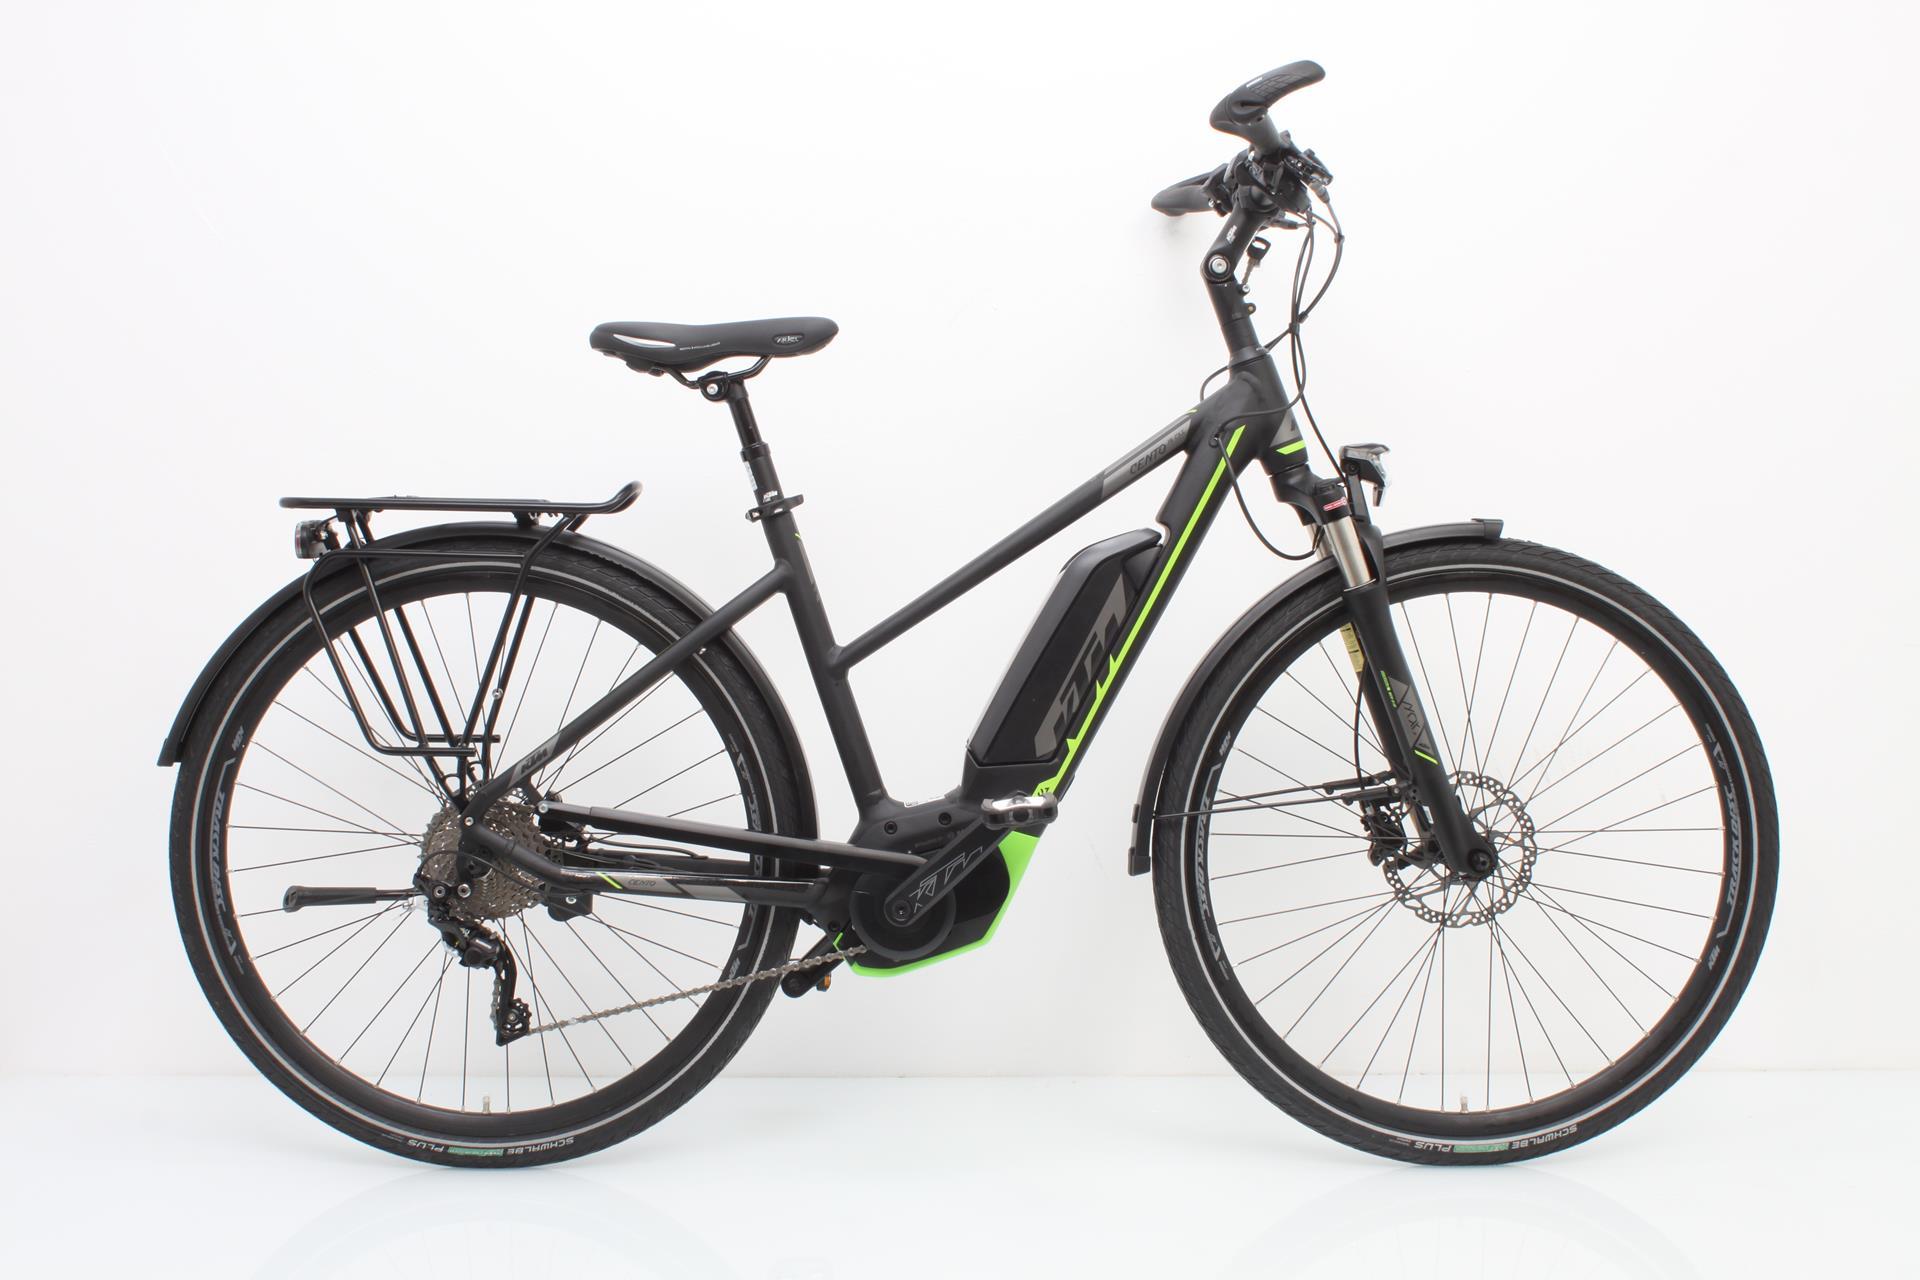 KTM Cento 10 CX5 134 Ah Damen Trapez schwarz 2018 46cm jetztbilligerkaufen